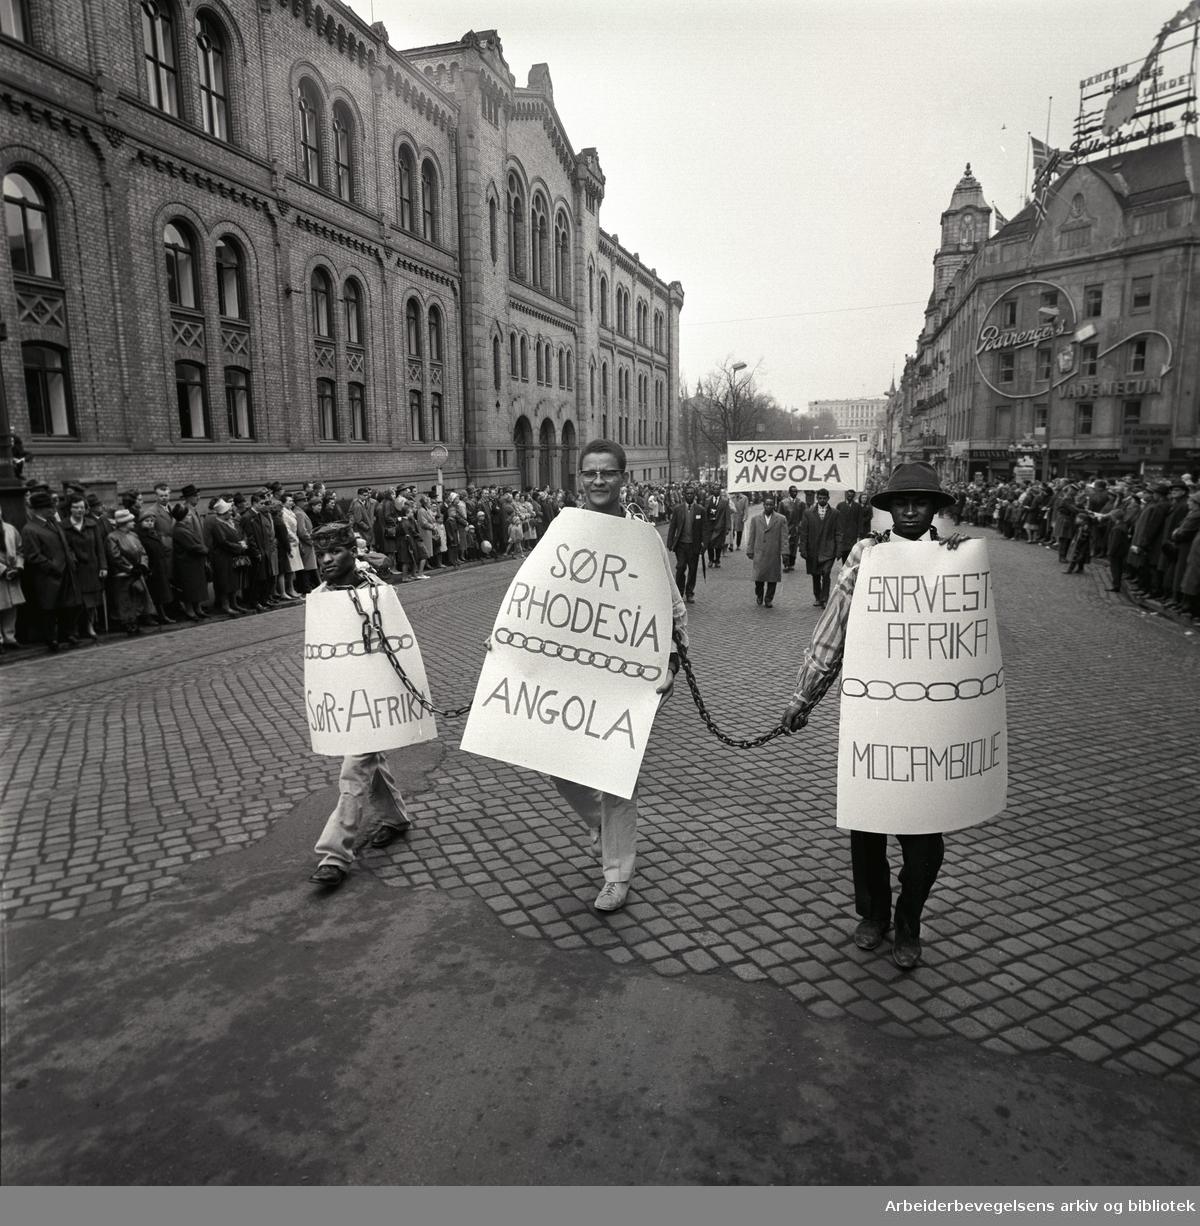 1. mai 1963 i Oslo.Demonstrasjonstoget i Karl Johans gate..Afrikanske studenter, i midten Hans Beukers. .Parole: Sør-Afrika.Parole: Sør-Rhodesia Angola.Parole: Sørvest-Afrika Mocambique.I midten: Hans Beukes.